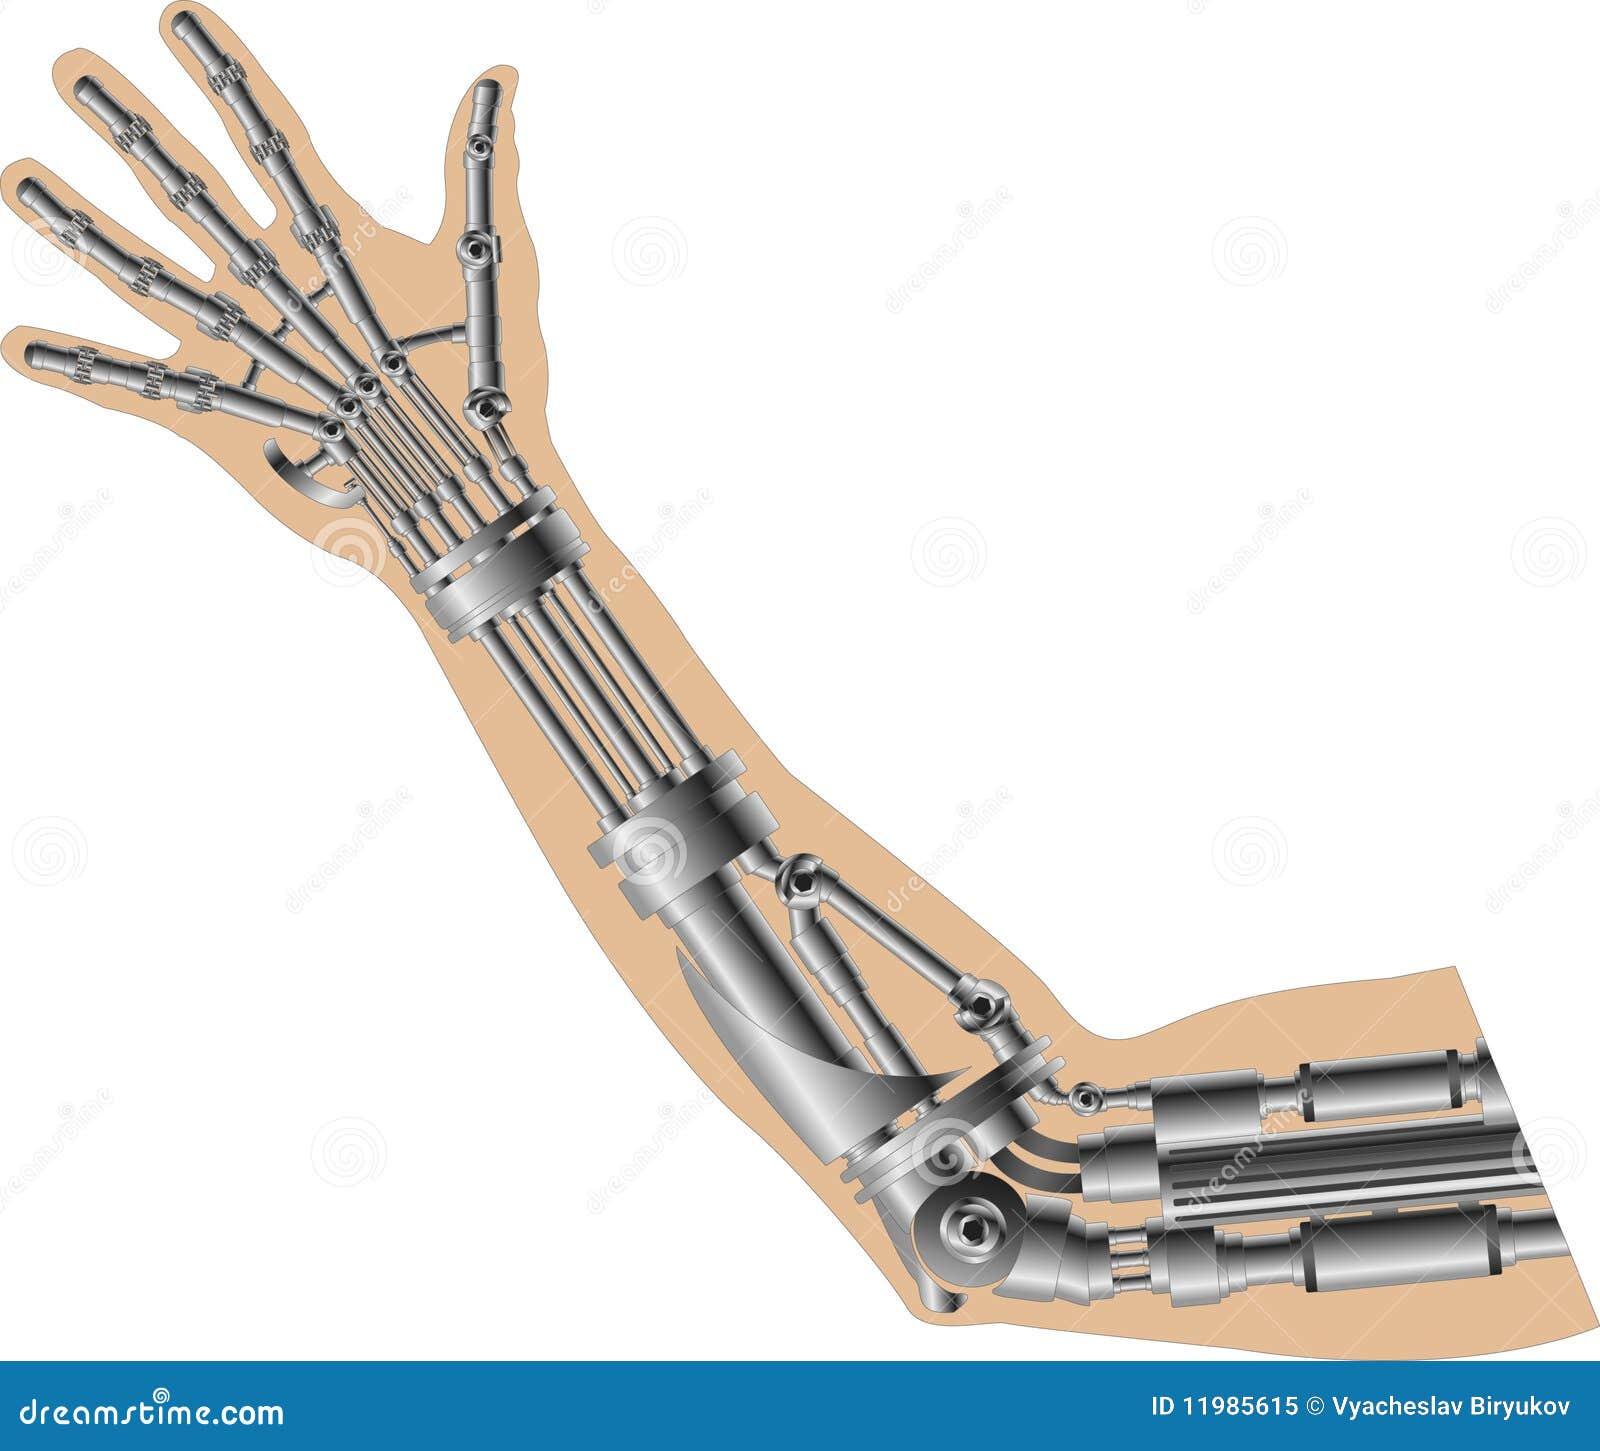 Как сделать кибер руку